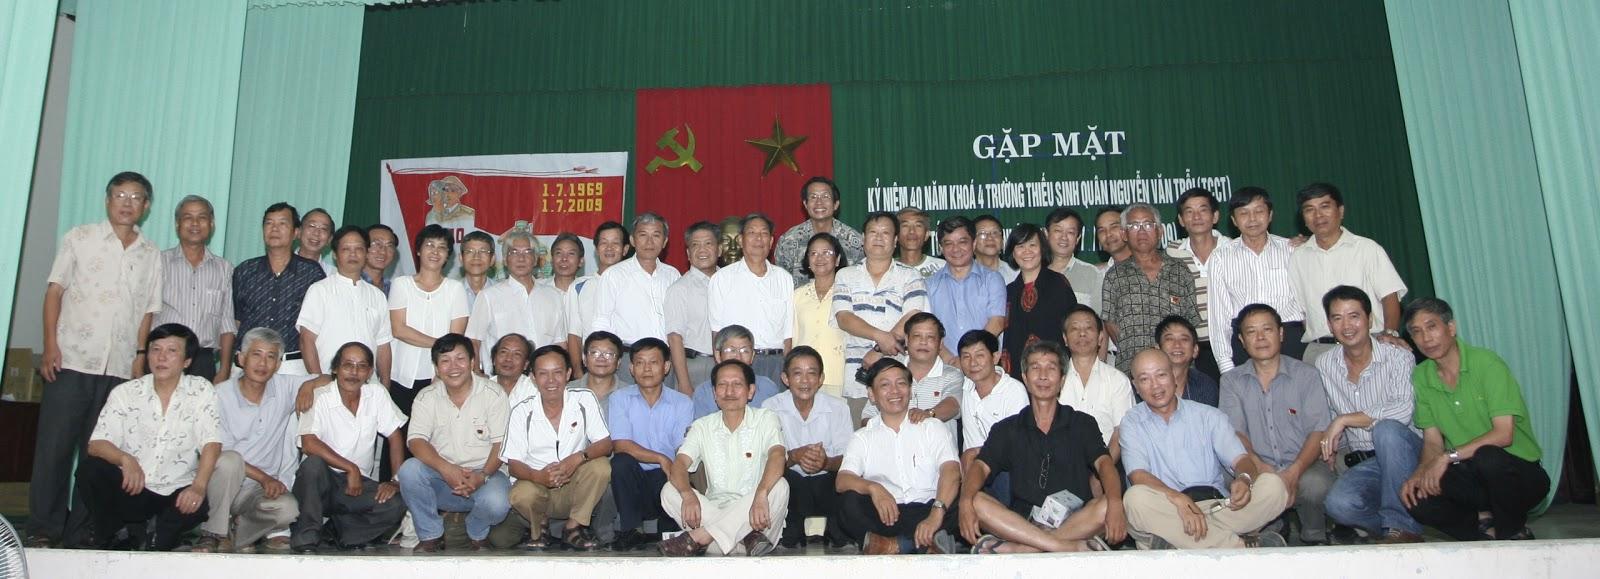 Gặp mặt k4 ba miền tại Đà Nẵng, 27/6/2009, nhân 40 năm ra trường Trỗi và nhập ngũ 1/7/1969. Thiếu Phan Hoài Thuận, Nguyễn Xuân Minh và Trần Mạnh Lảnh.